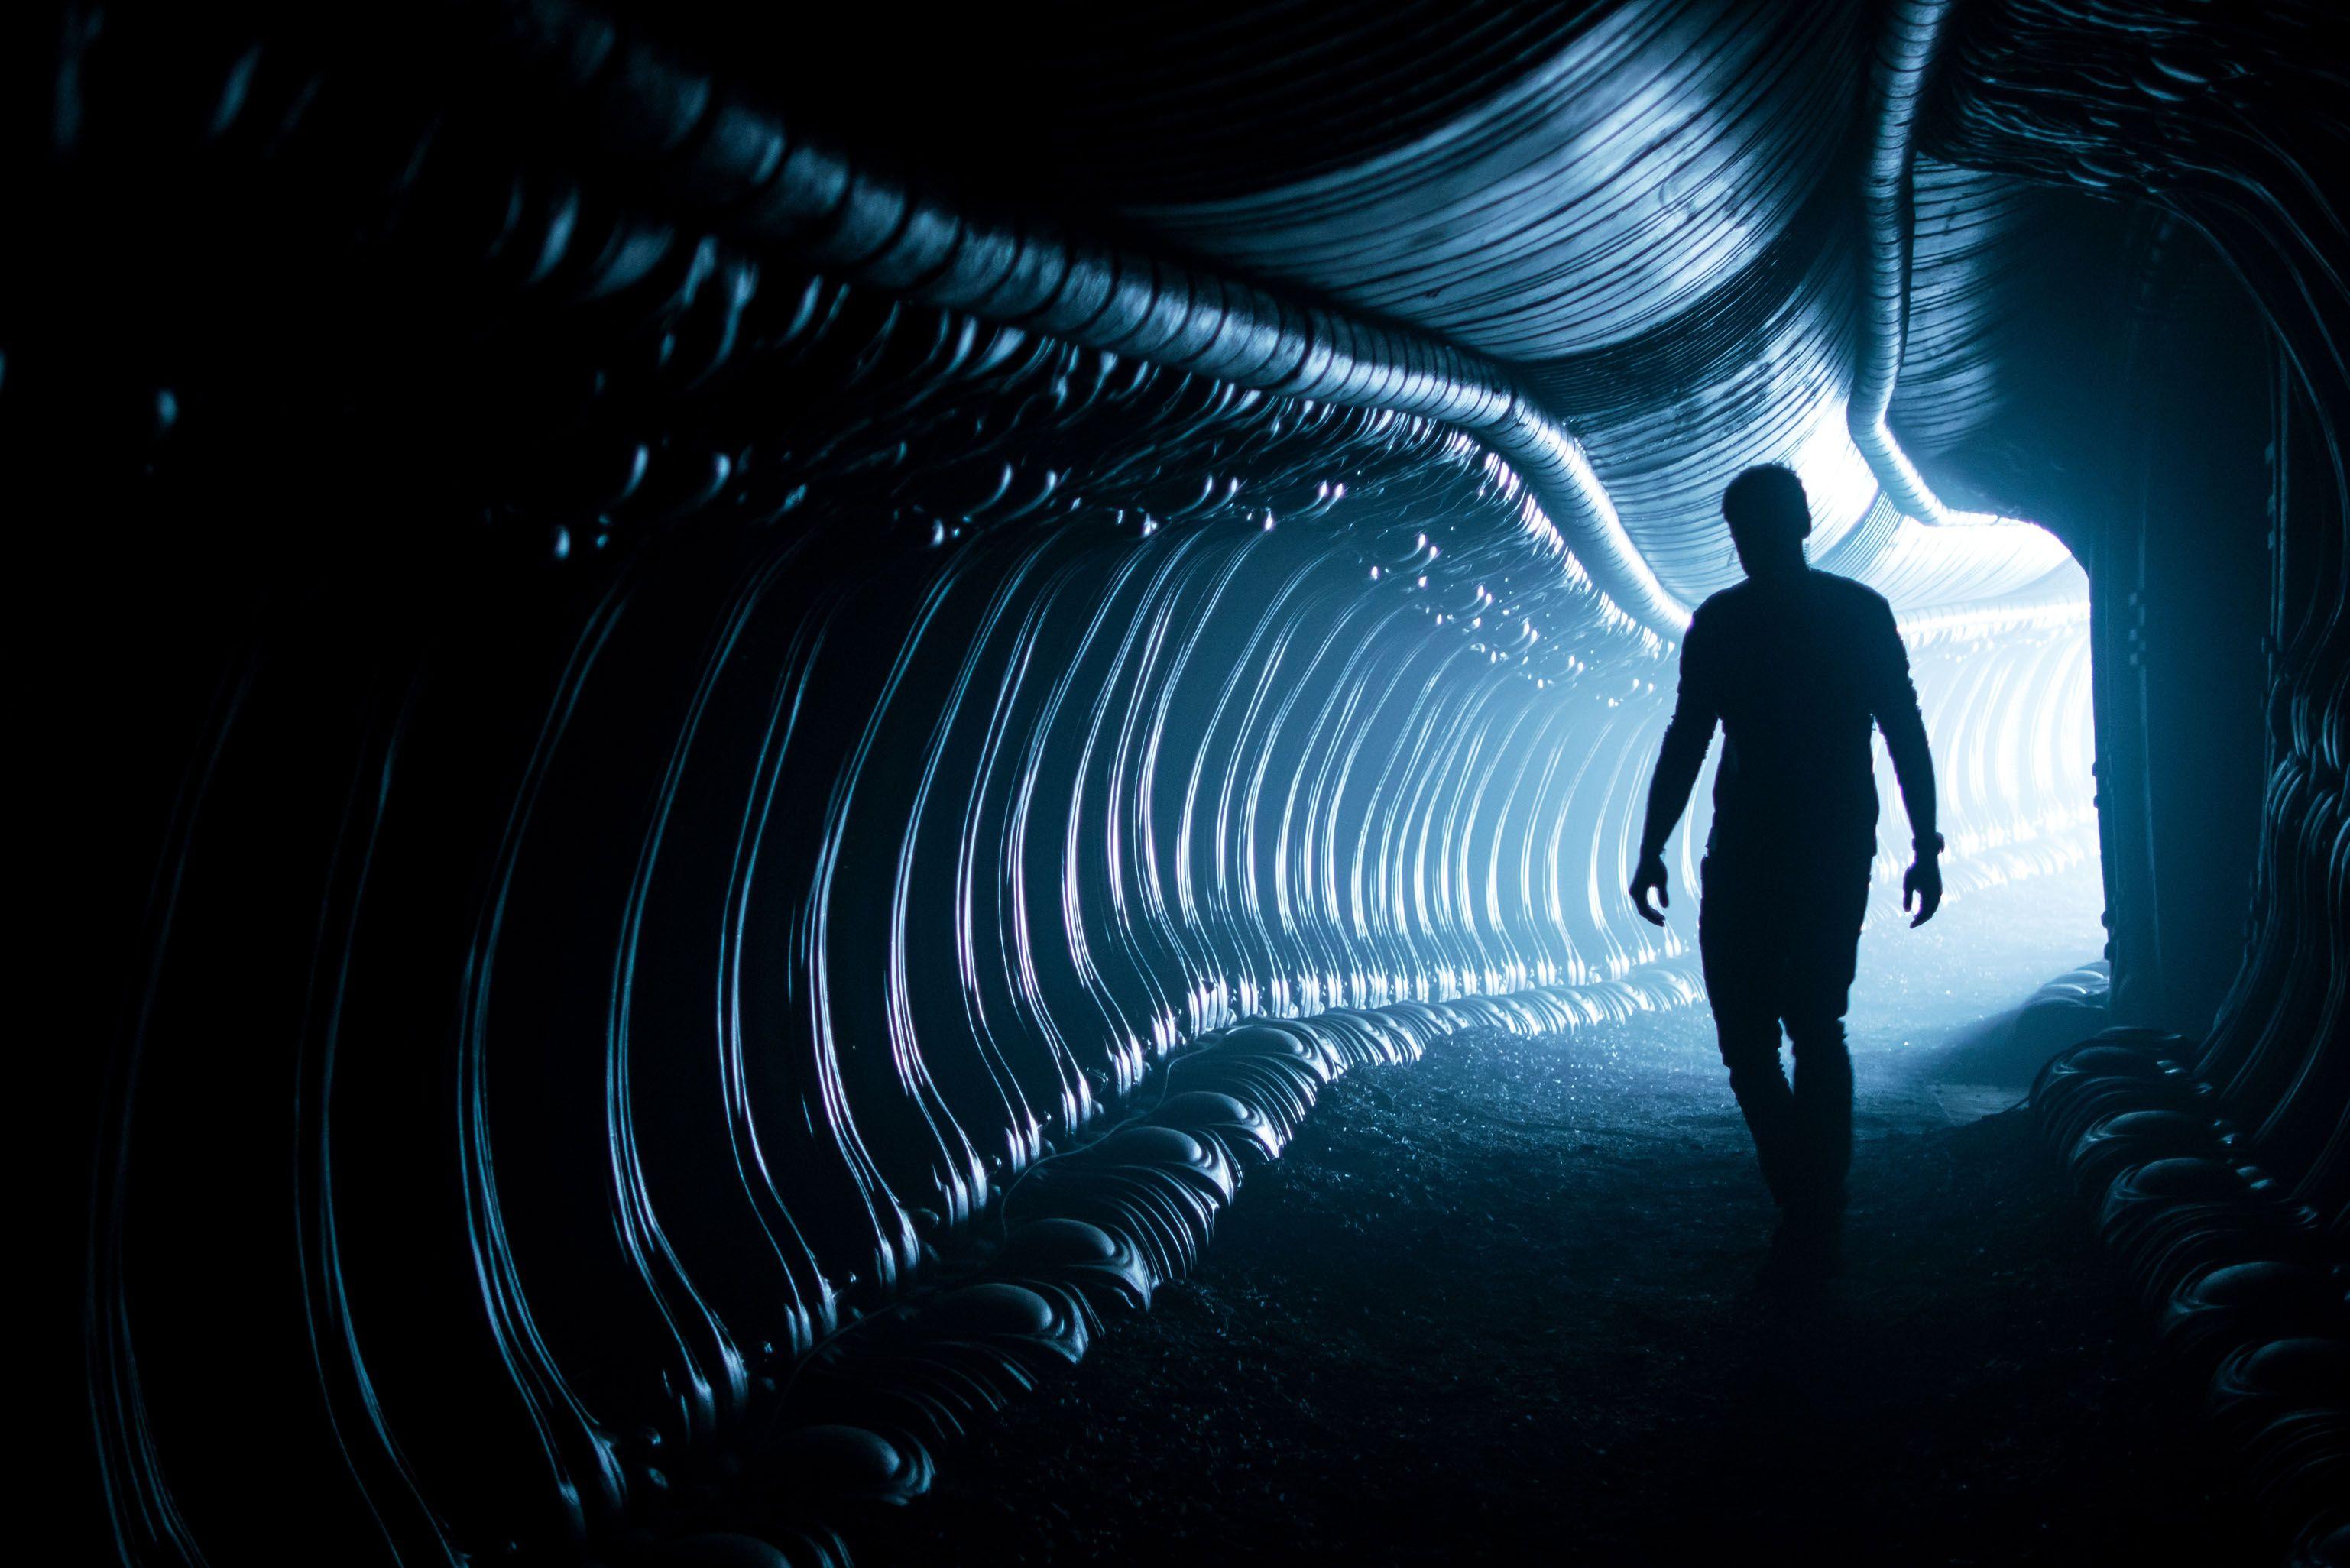 aliens movie - photo #8